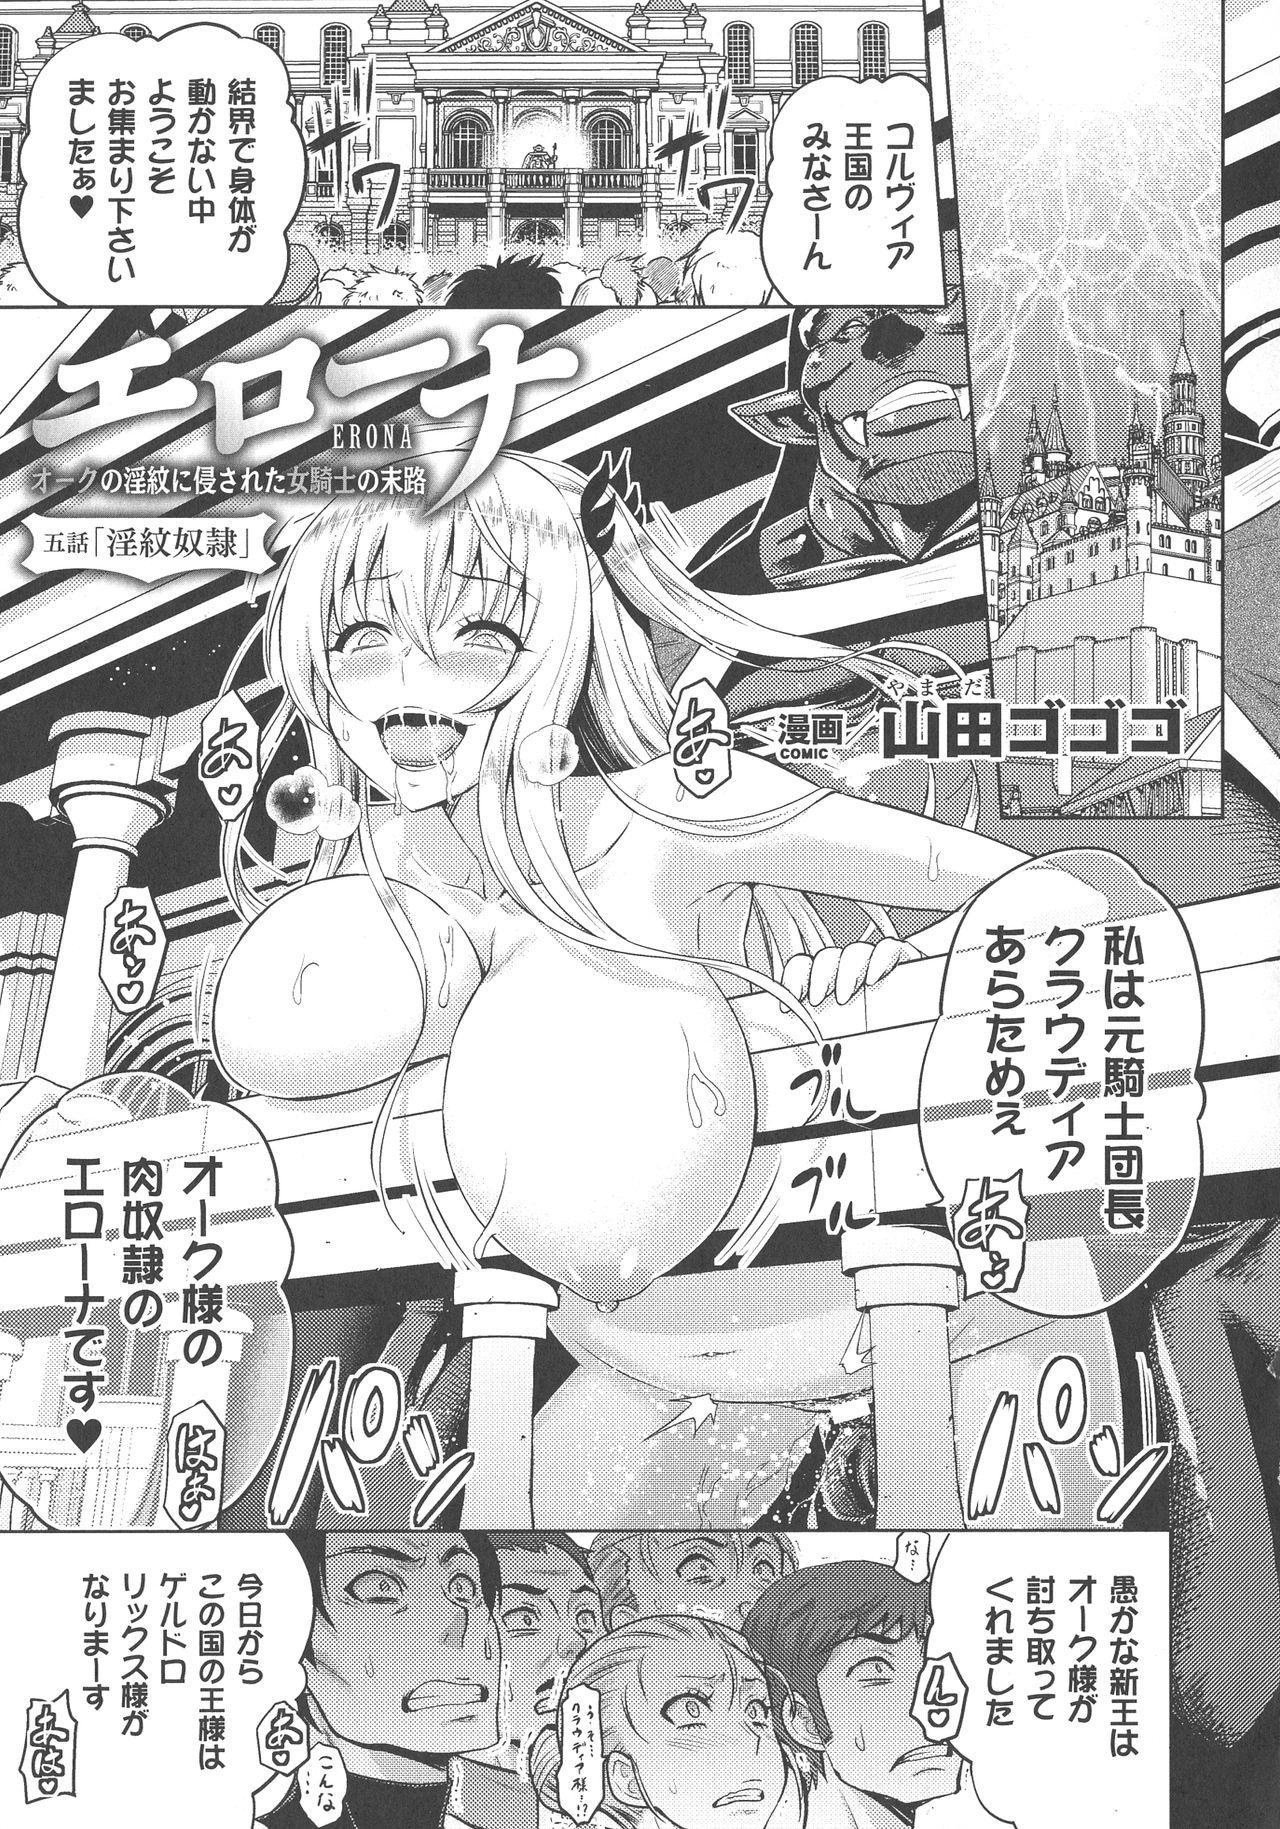 ERONA Orc no Inmon ni Okasareta Onna Kishi no Matsuro Ch. 1-6 100